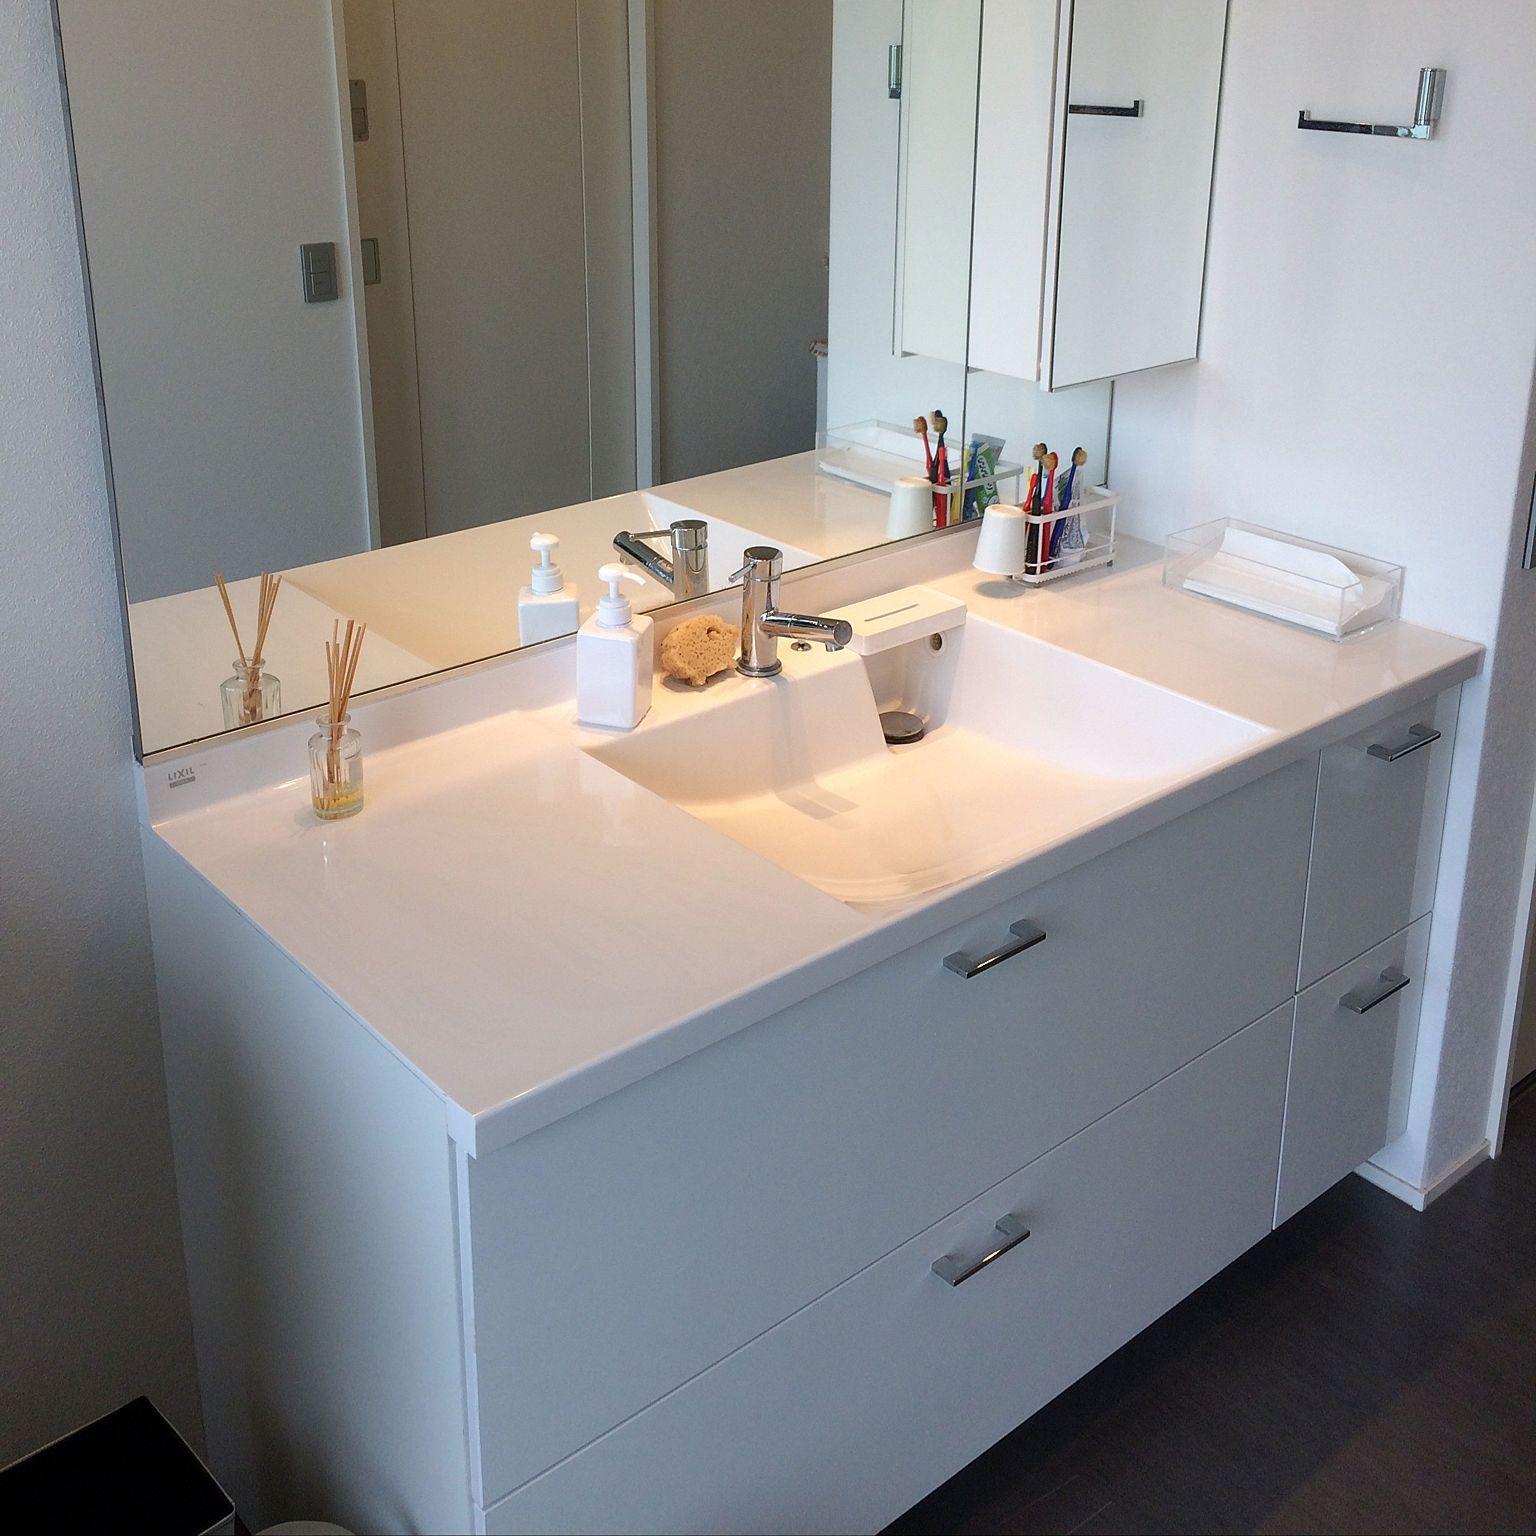 バス トイレ ルミシス洗面台 リクシルの洗面台のインテリア実例 2018 03 12 08 39 02 Roomclip ルームクリップ 洗面台 リクシル 現代的なバスルーム